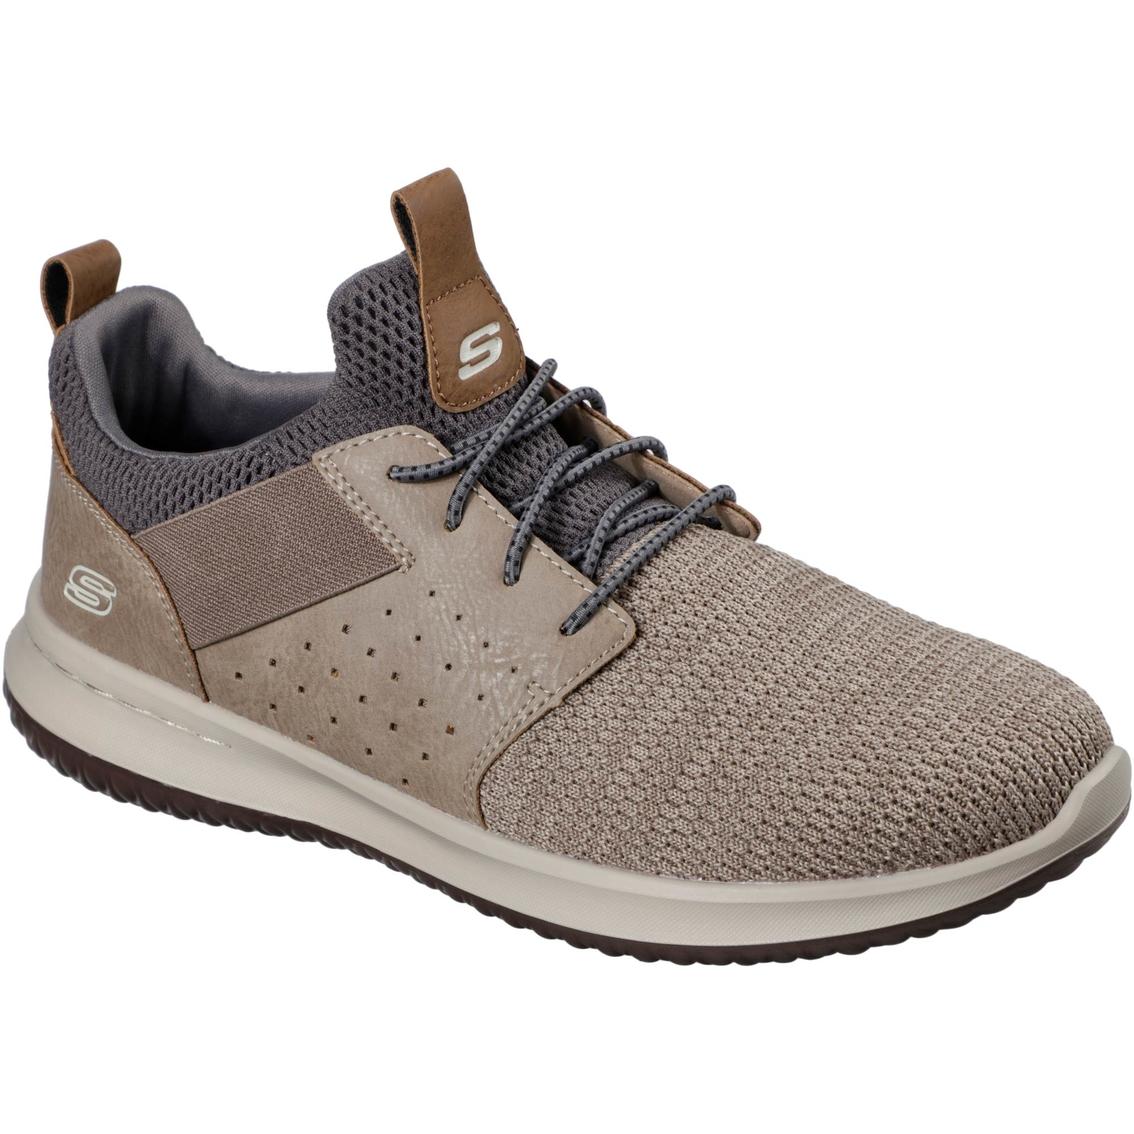 4b6d6a38cfba Skechers Men s Camben Streetwear Slip On Shoes